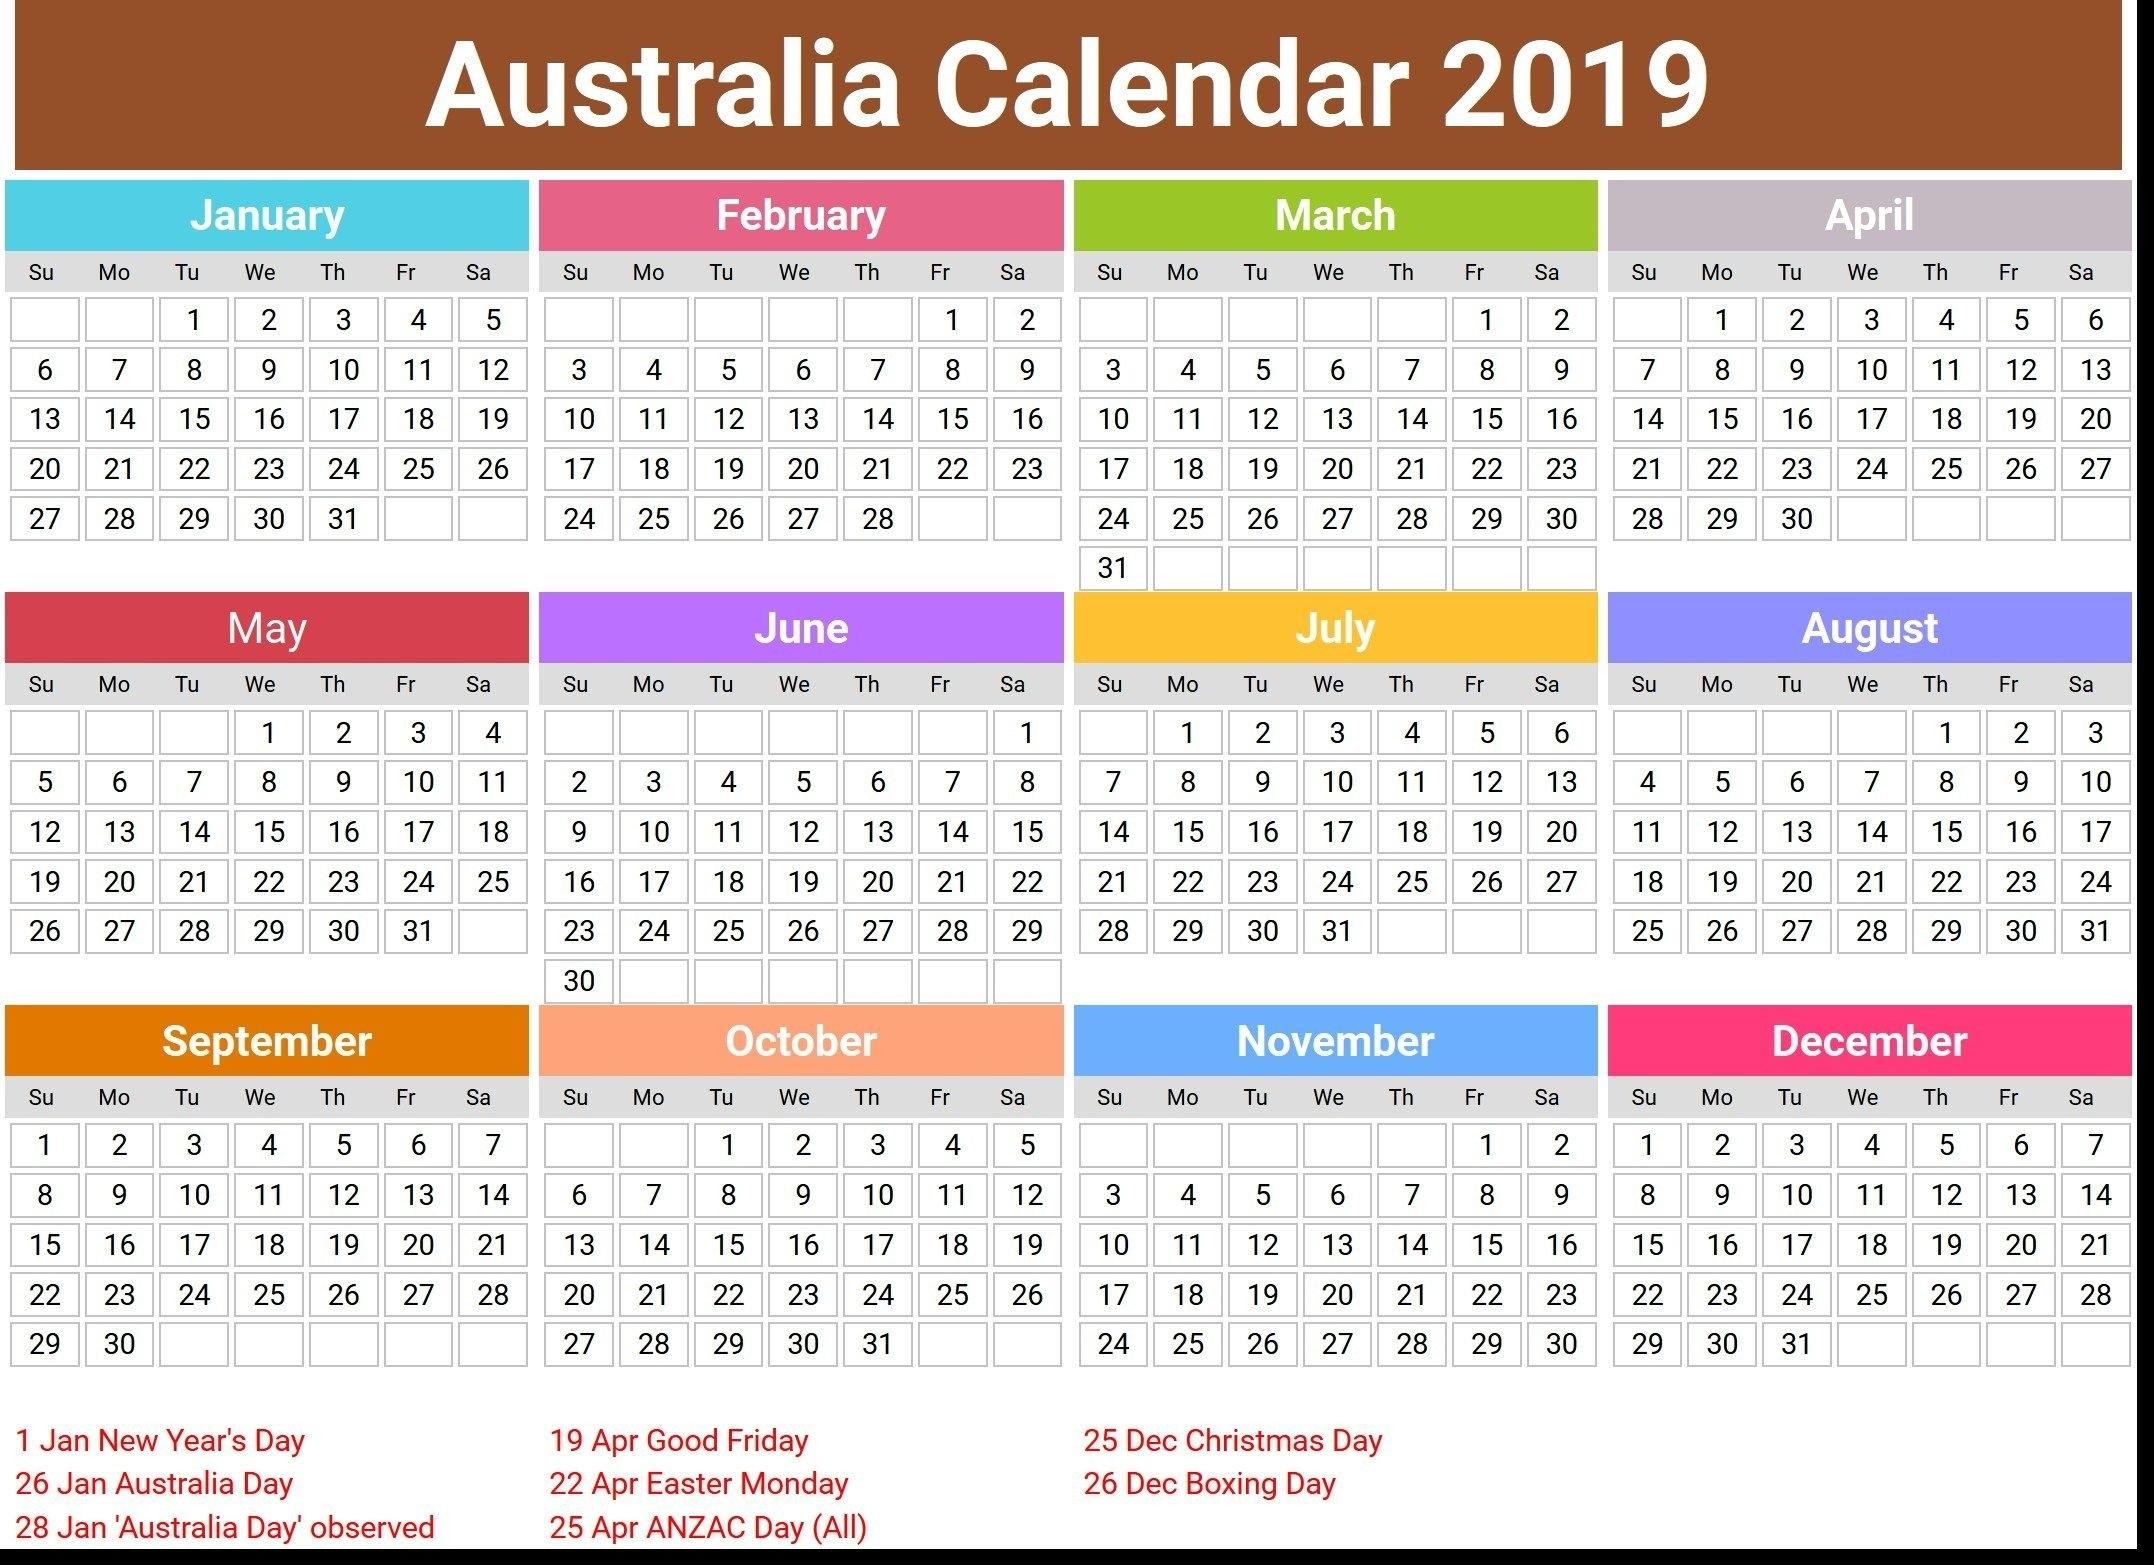 2019 Calendar Holidays | 2019 Calendar Holidays | Pinterest Calendar Year 2019 Australia